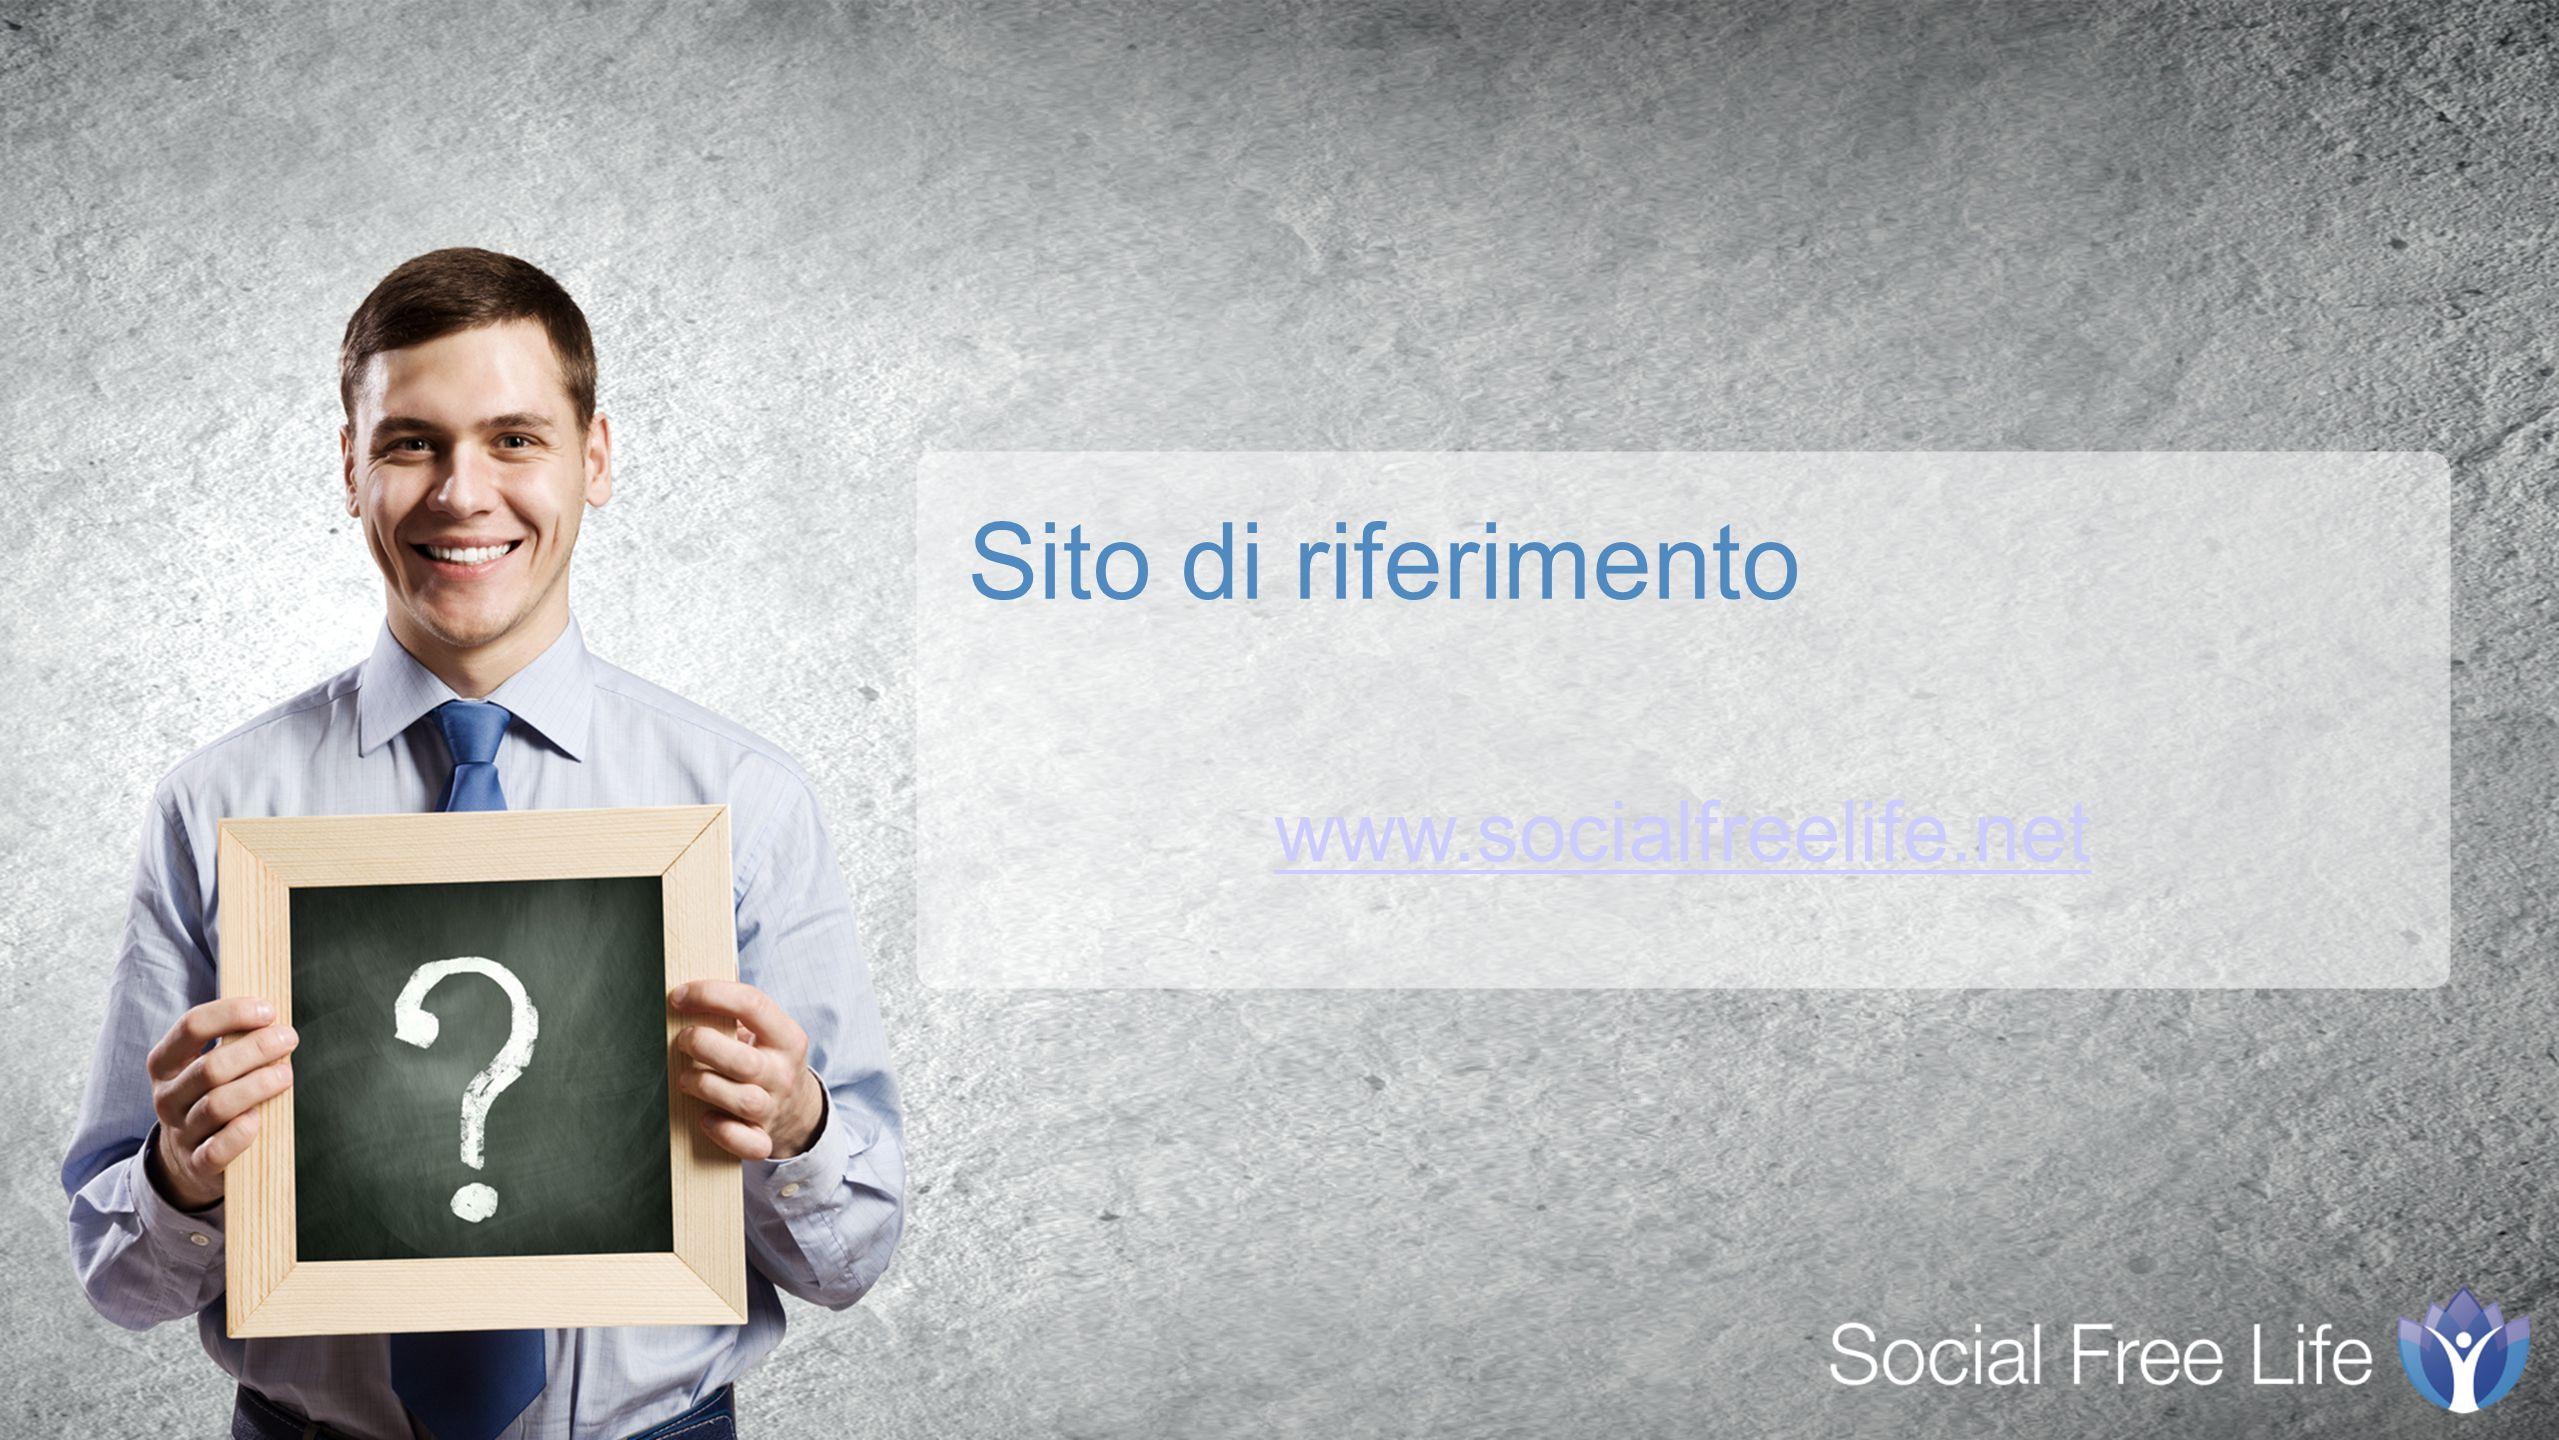 www.socialfreelife.net Sito di riferimento